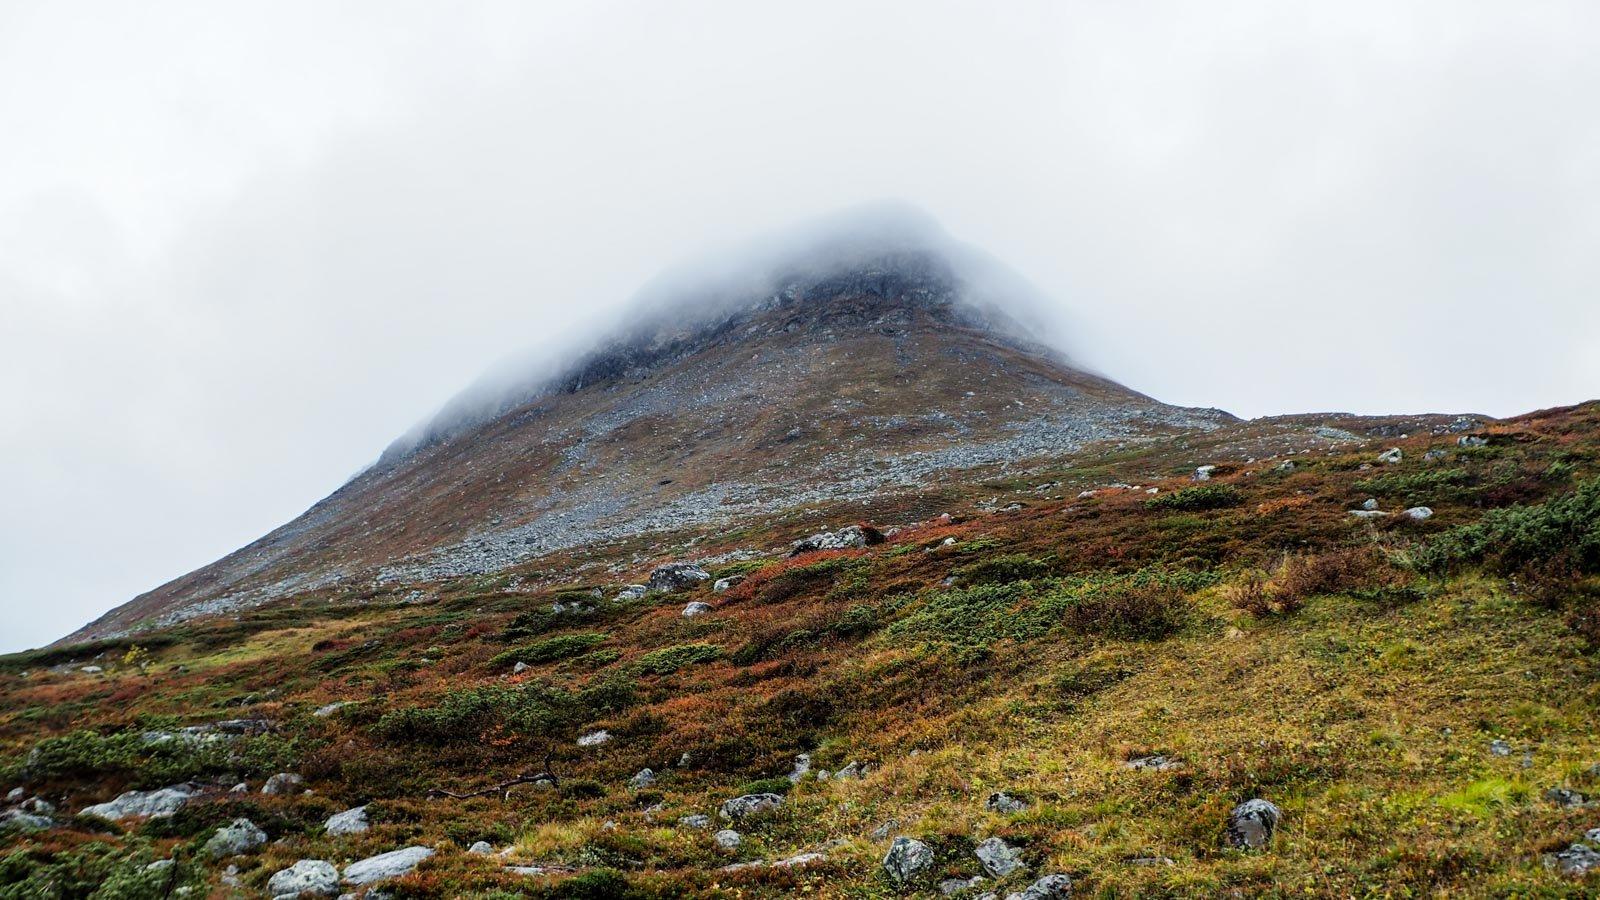 Saanatunturi pilvisenä päivänä: tasainen sadepilvi peittää tunturin laen.